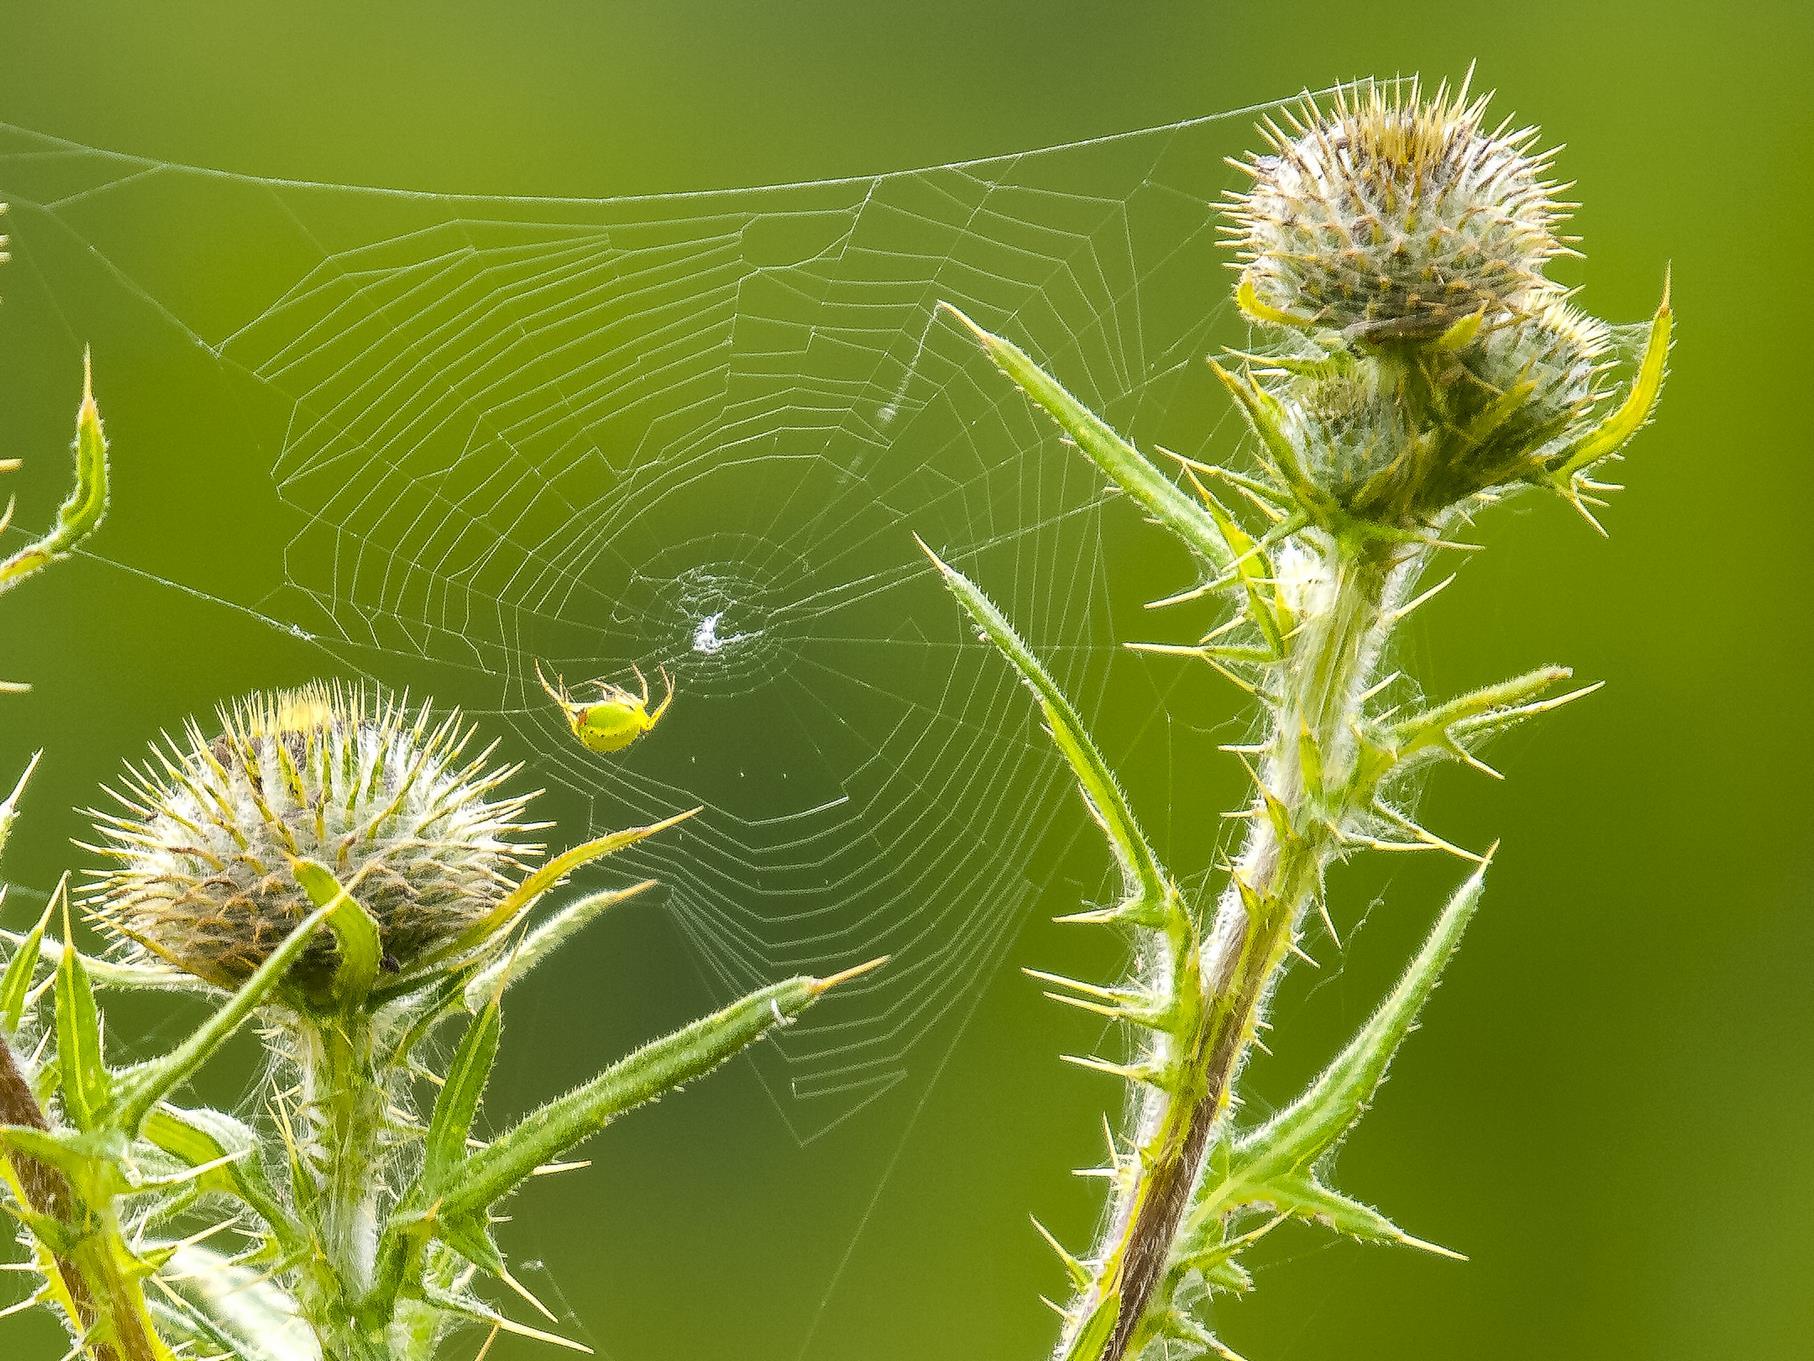 Zwischen den Distelköpfen bauen Spinnen ihre Netze.